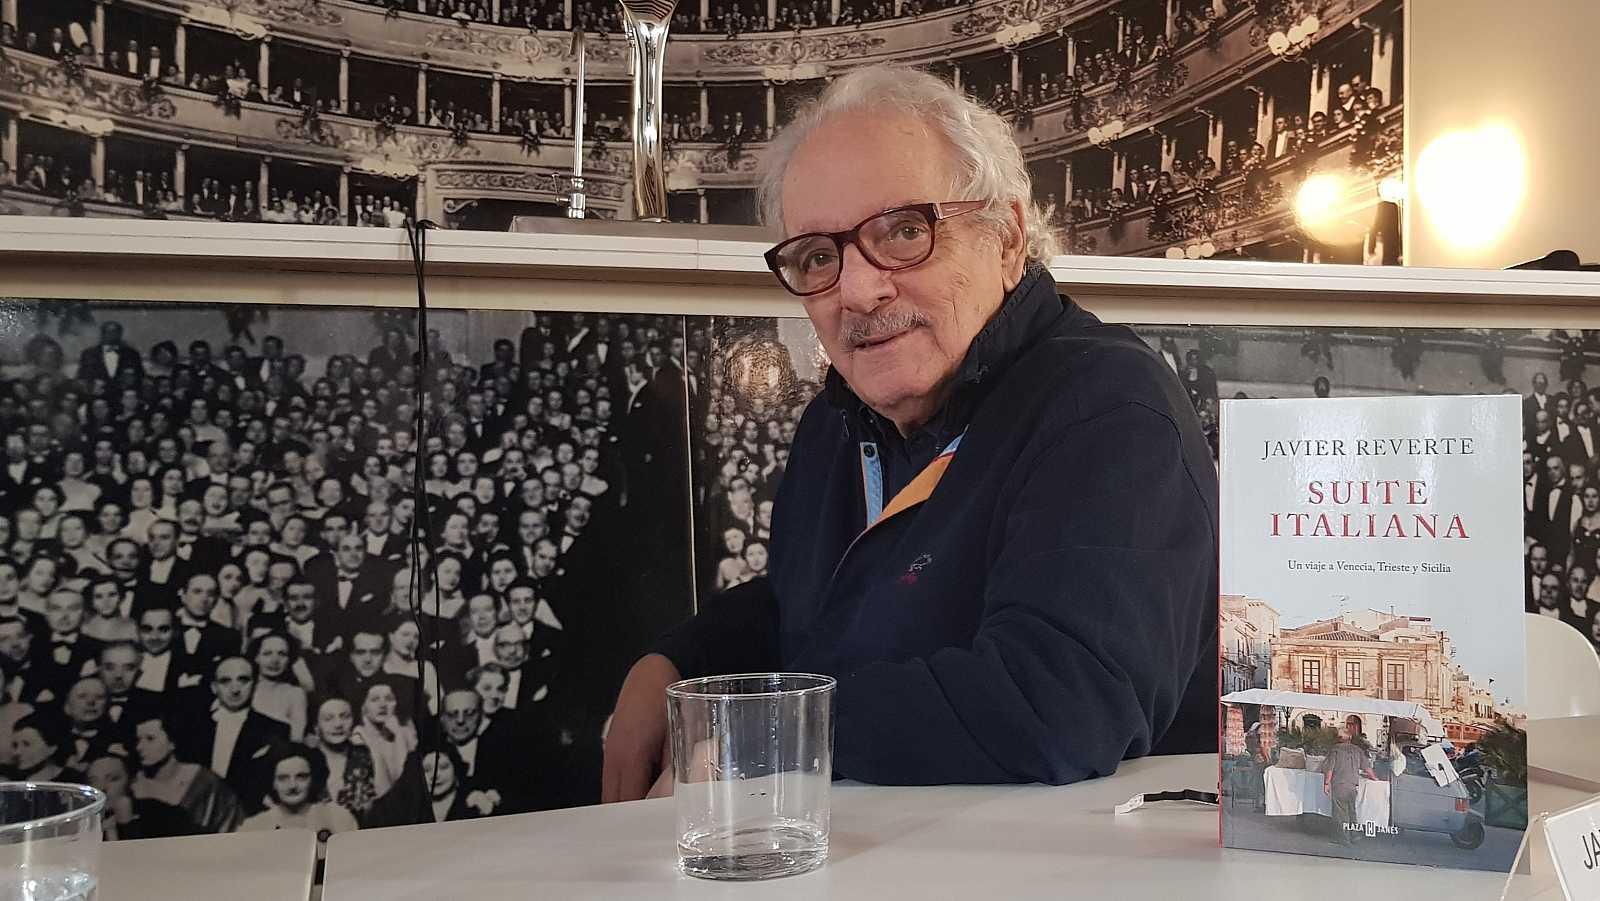 Javier Reverte, durante la presentación de su último libro: 'Suite italiana'.